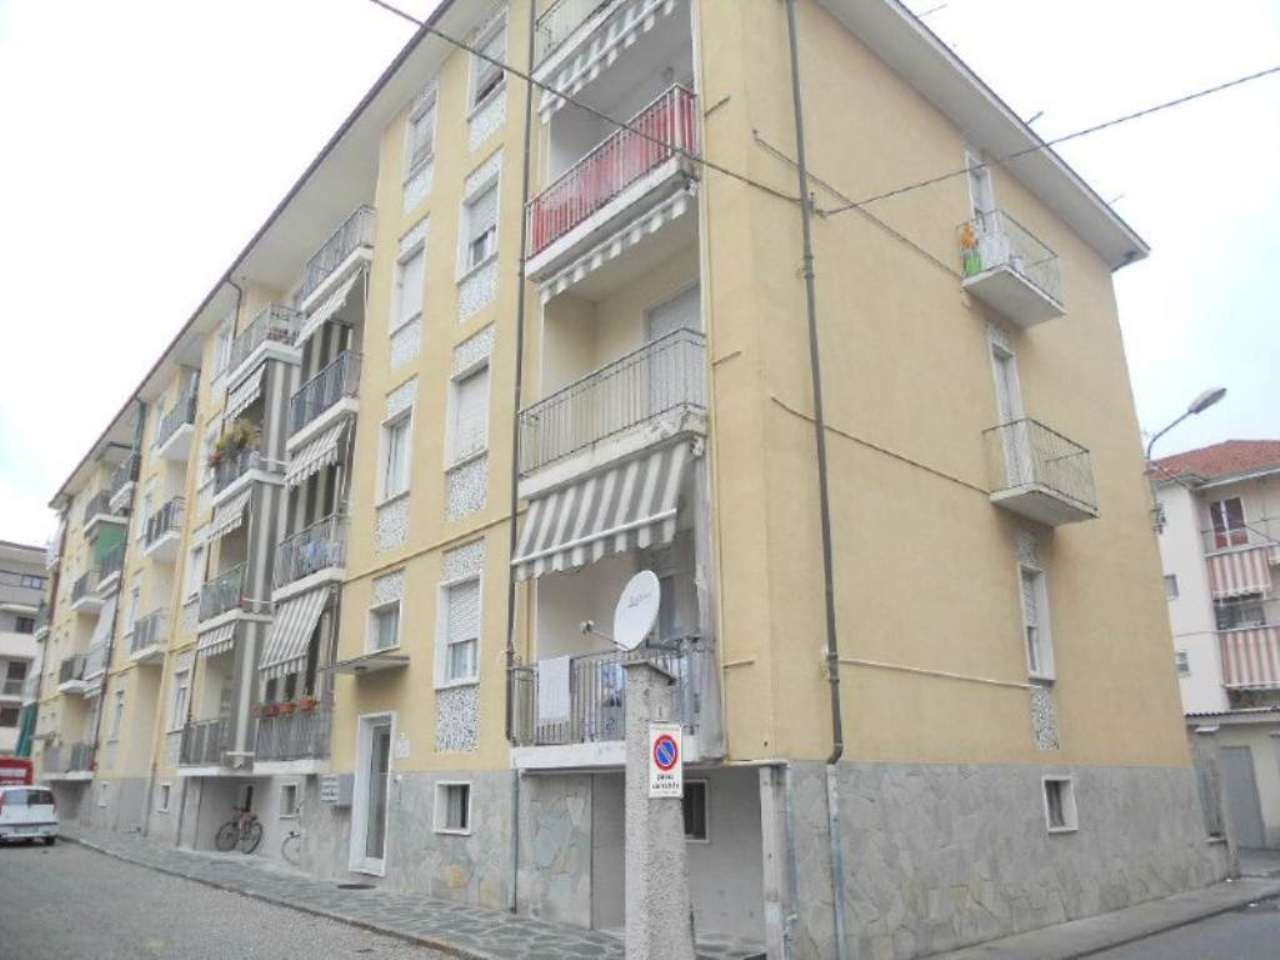 Appartamento in vendita a Savigliano, 2 locali, prezzo € 75.000 | Cambio Casa.it